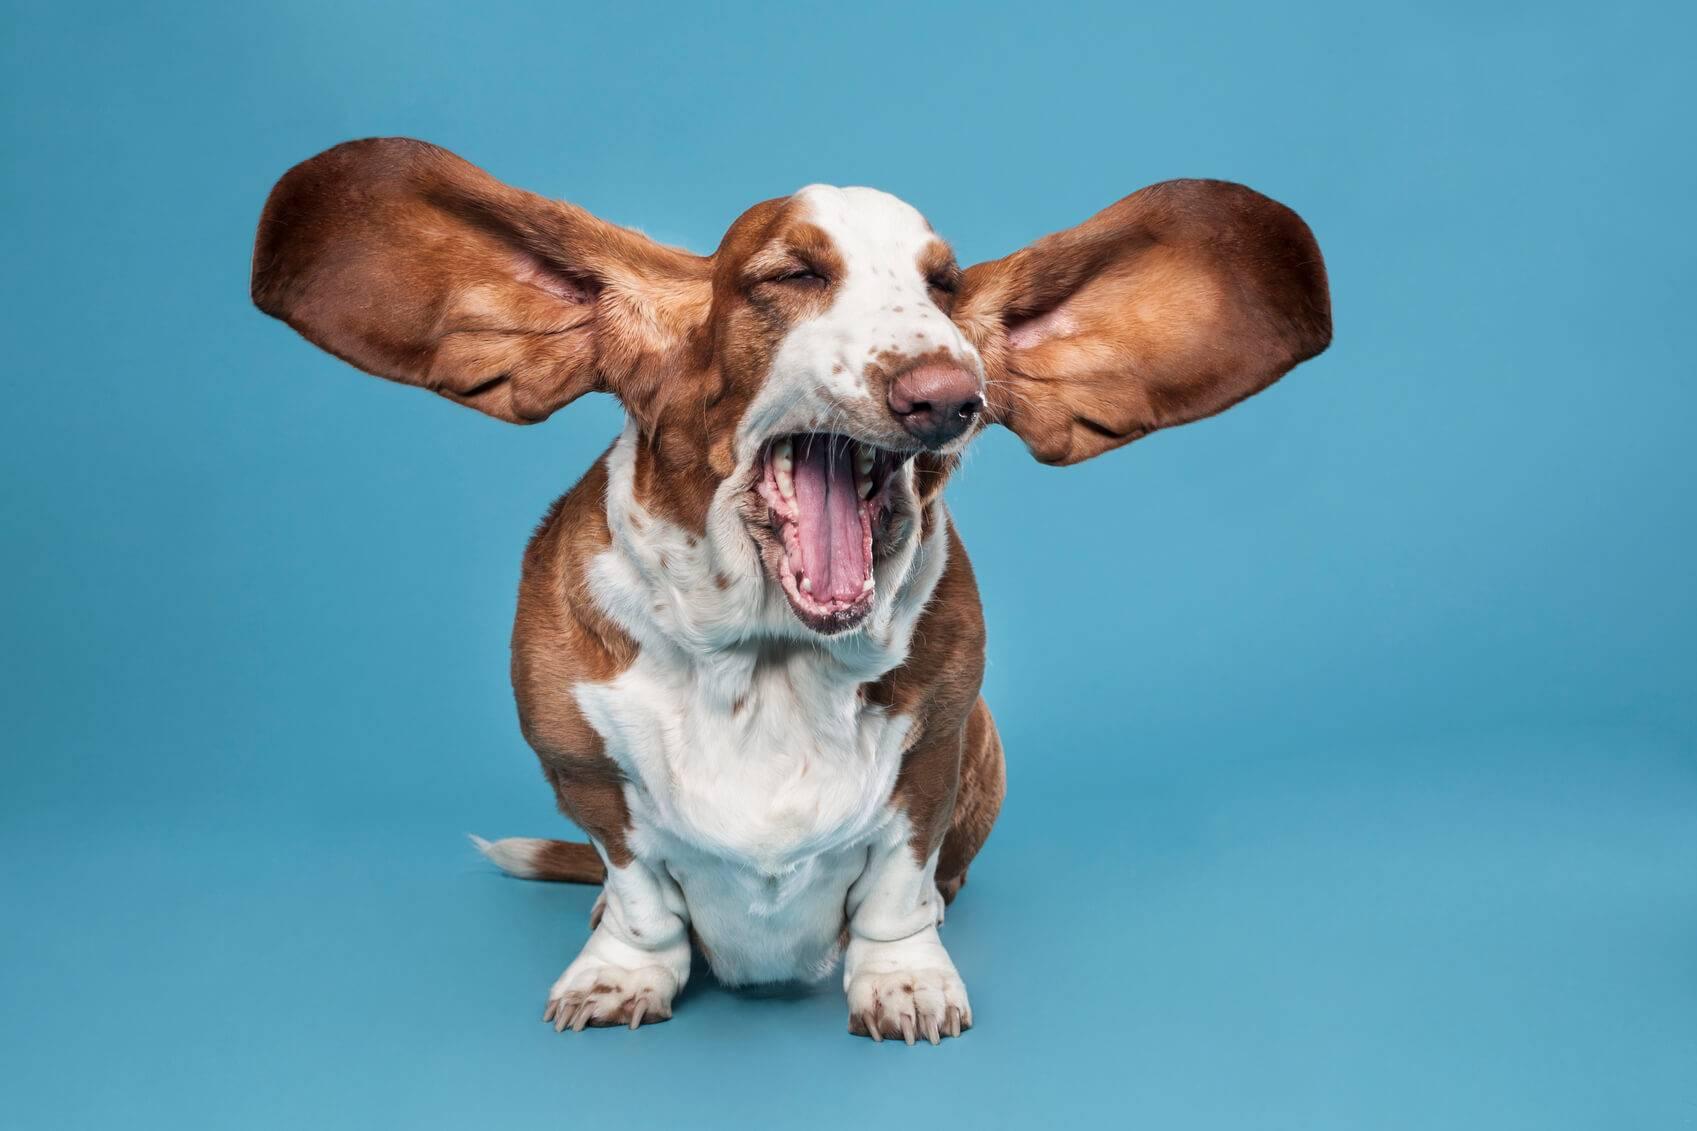 Comment gerer les aboiements votre chien | Pratique.fr